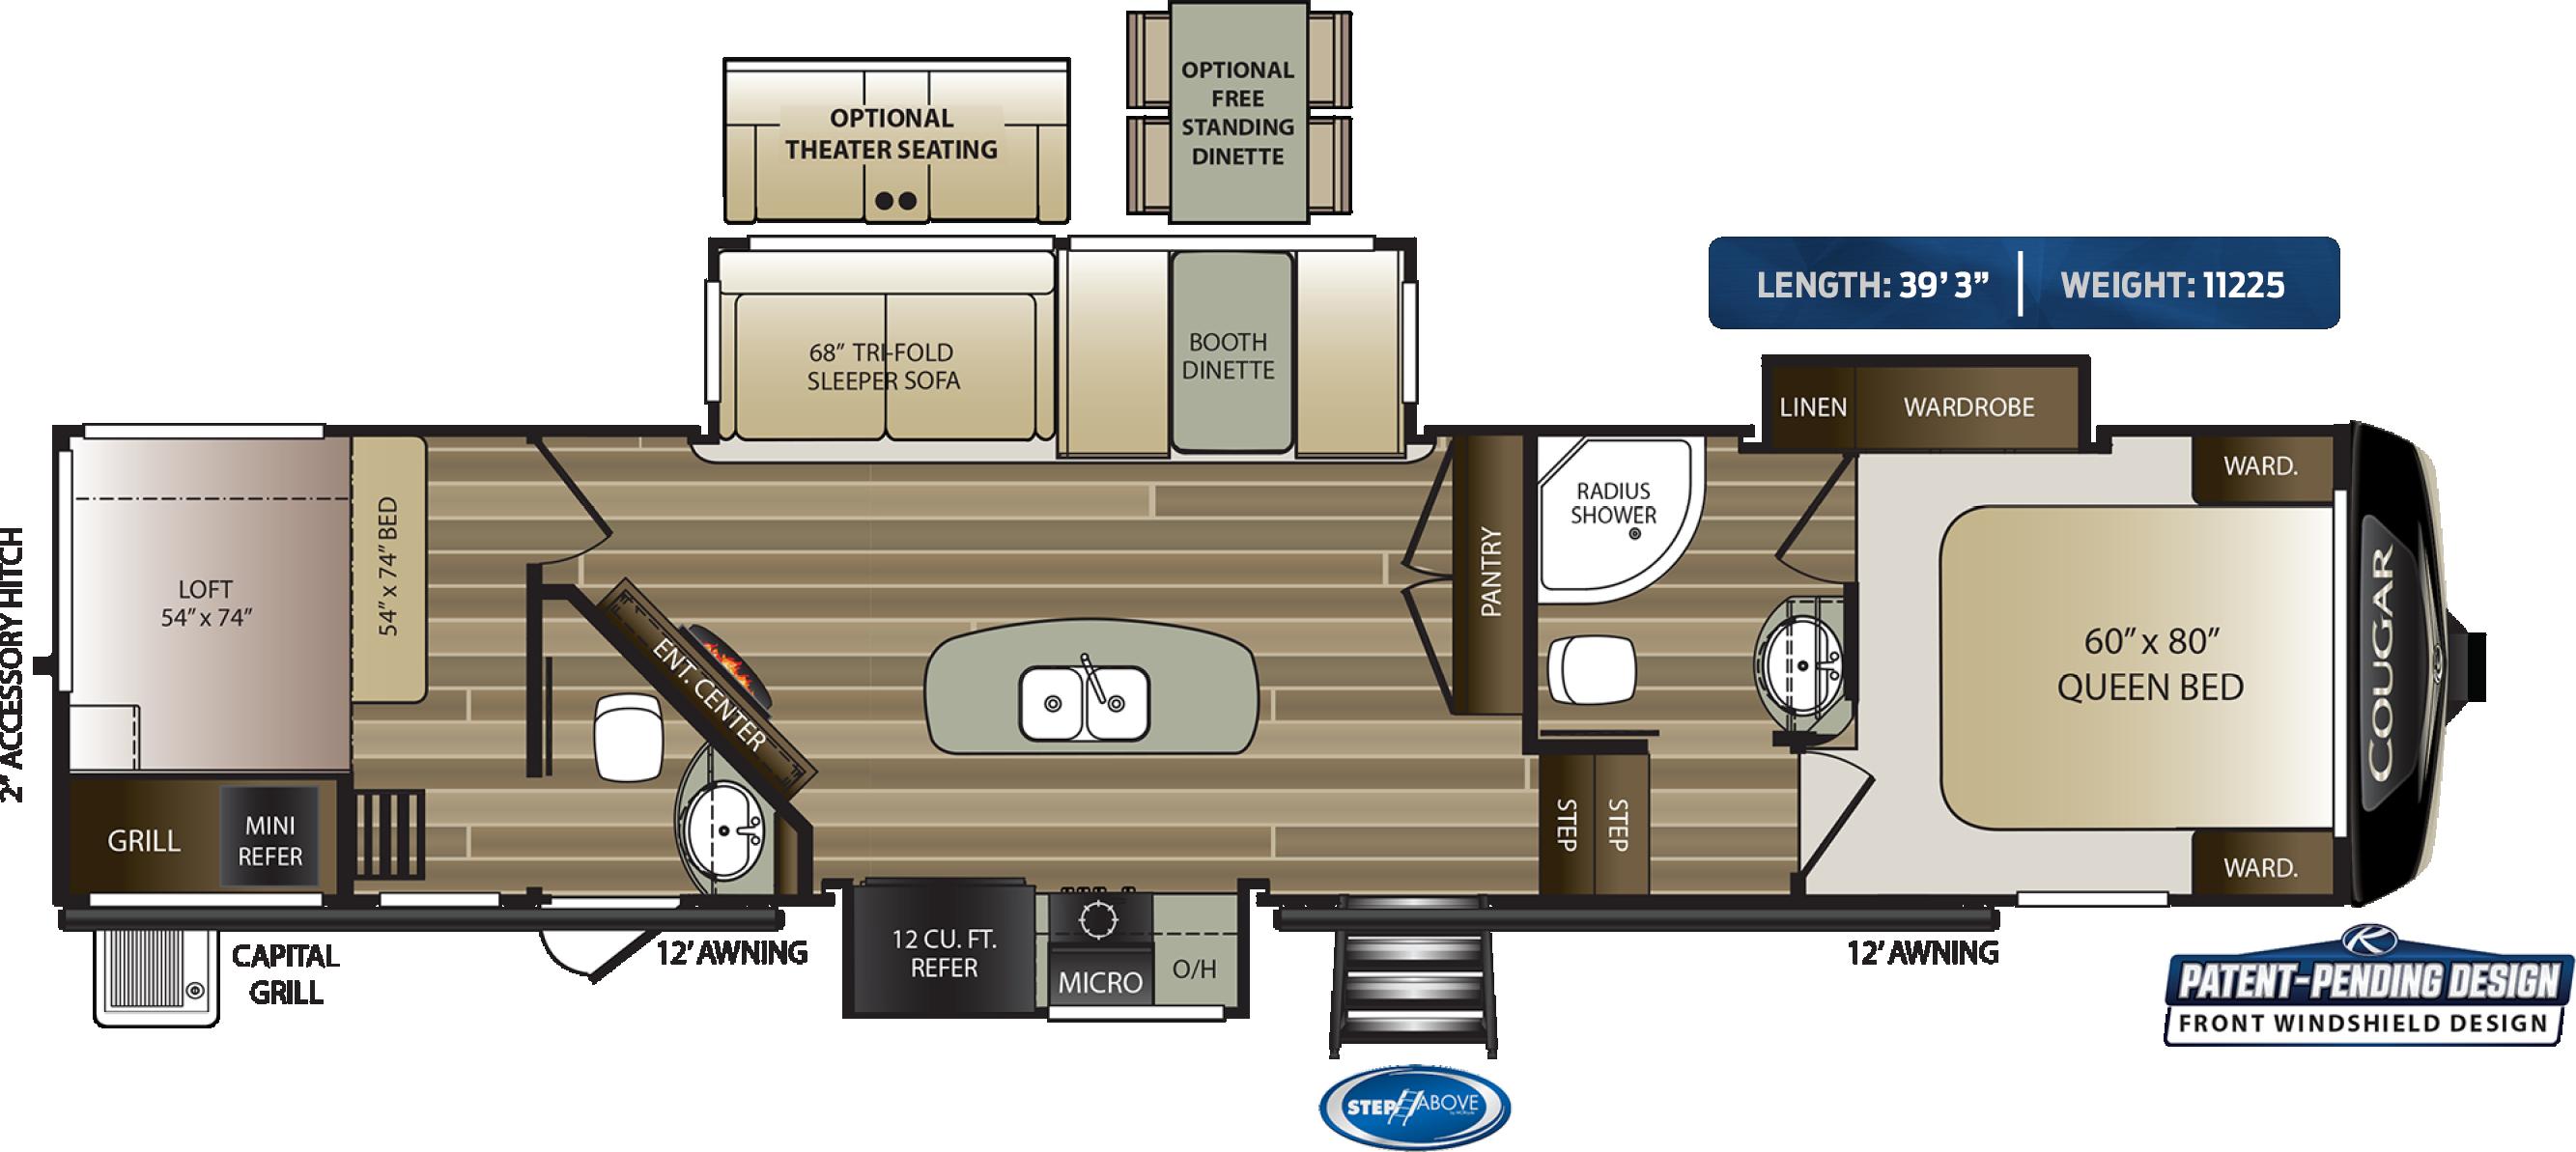 2020 KEYSTONE COUGAR 364BHL (bunks) Floorplan